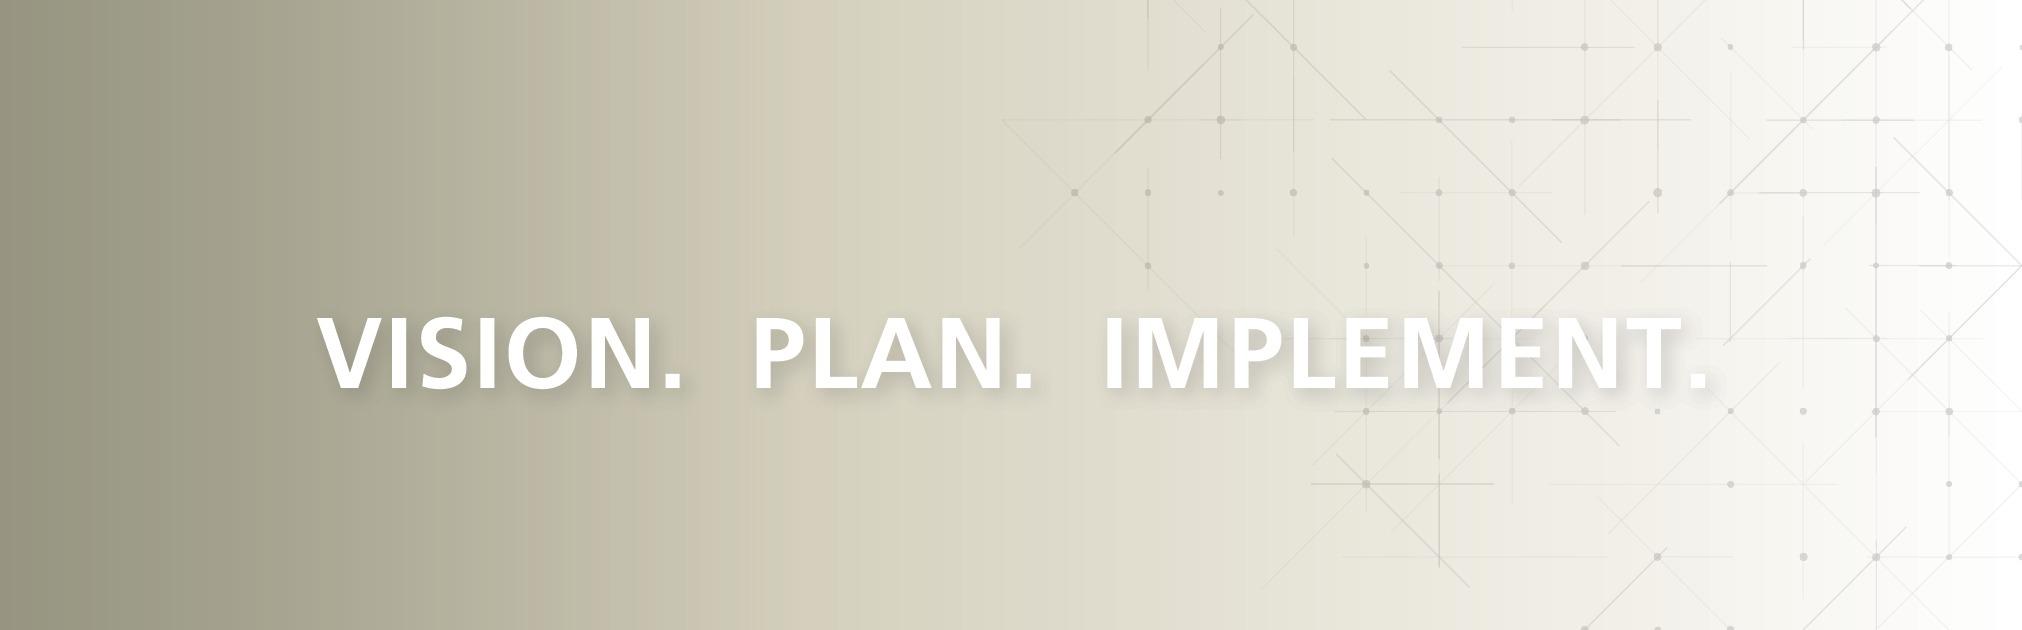 Vision. Plan. Implement. slider